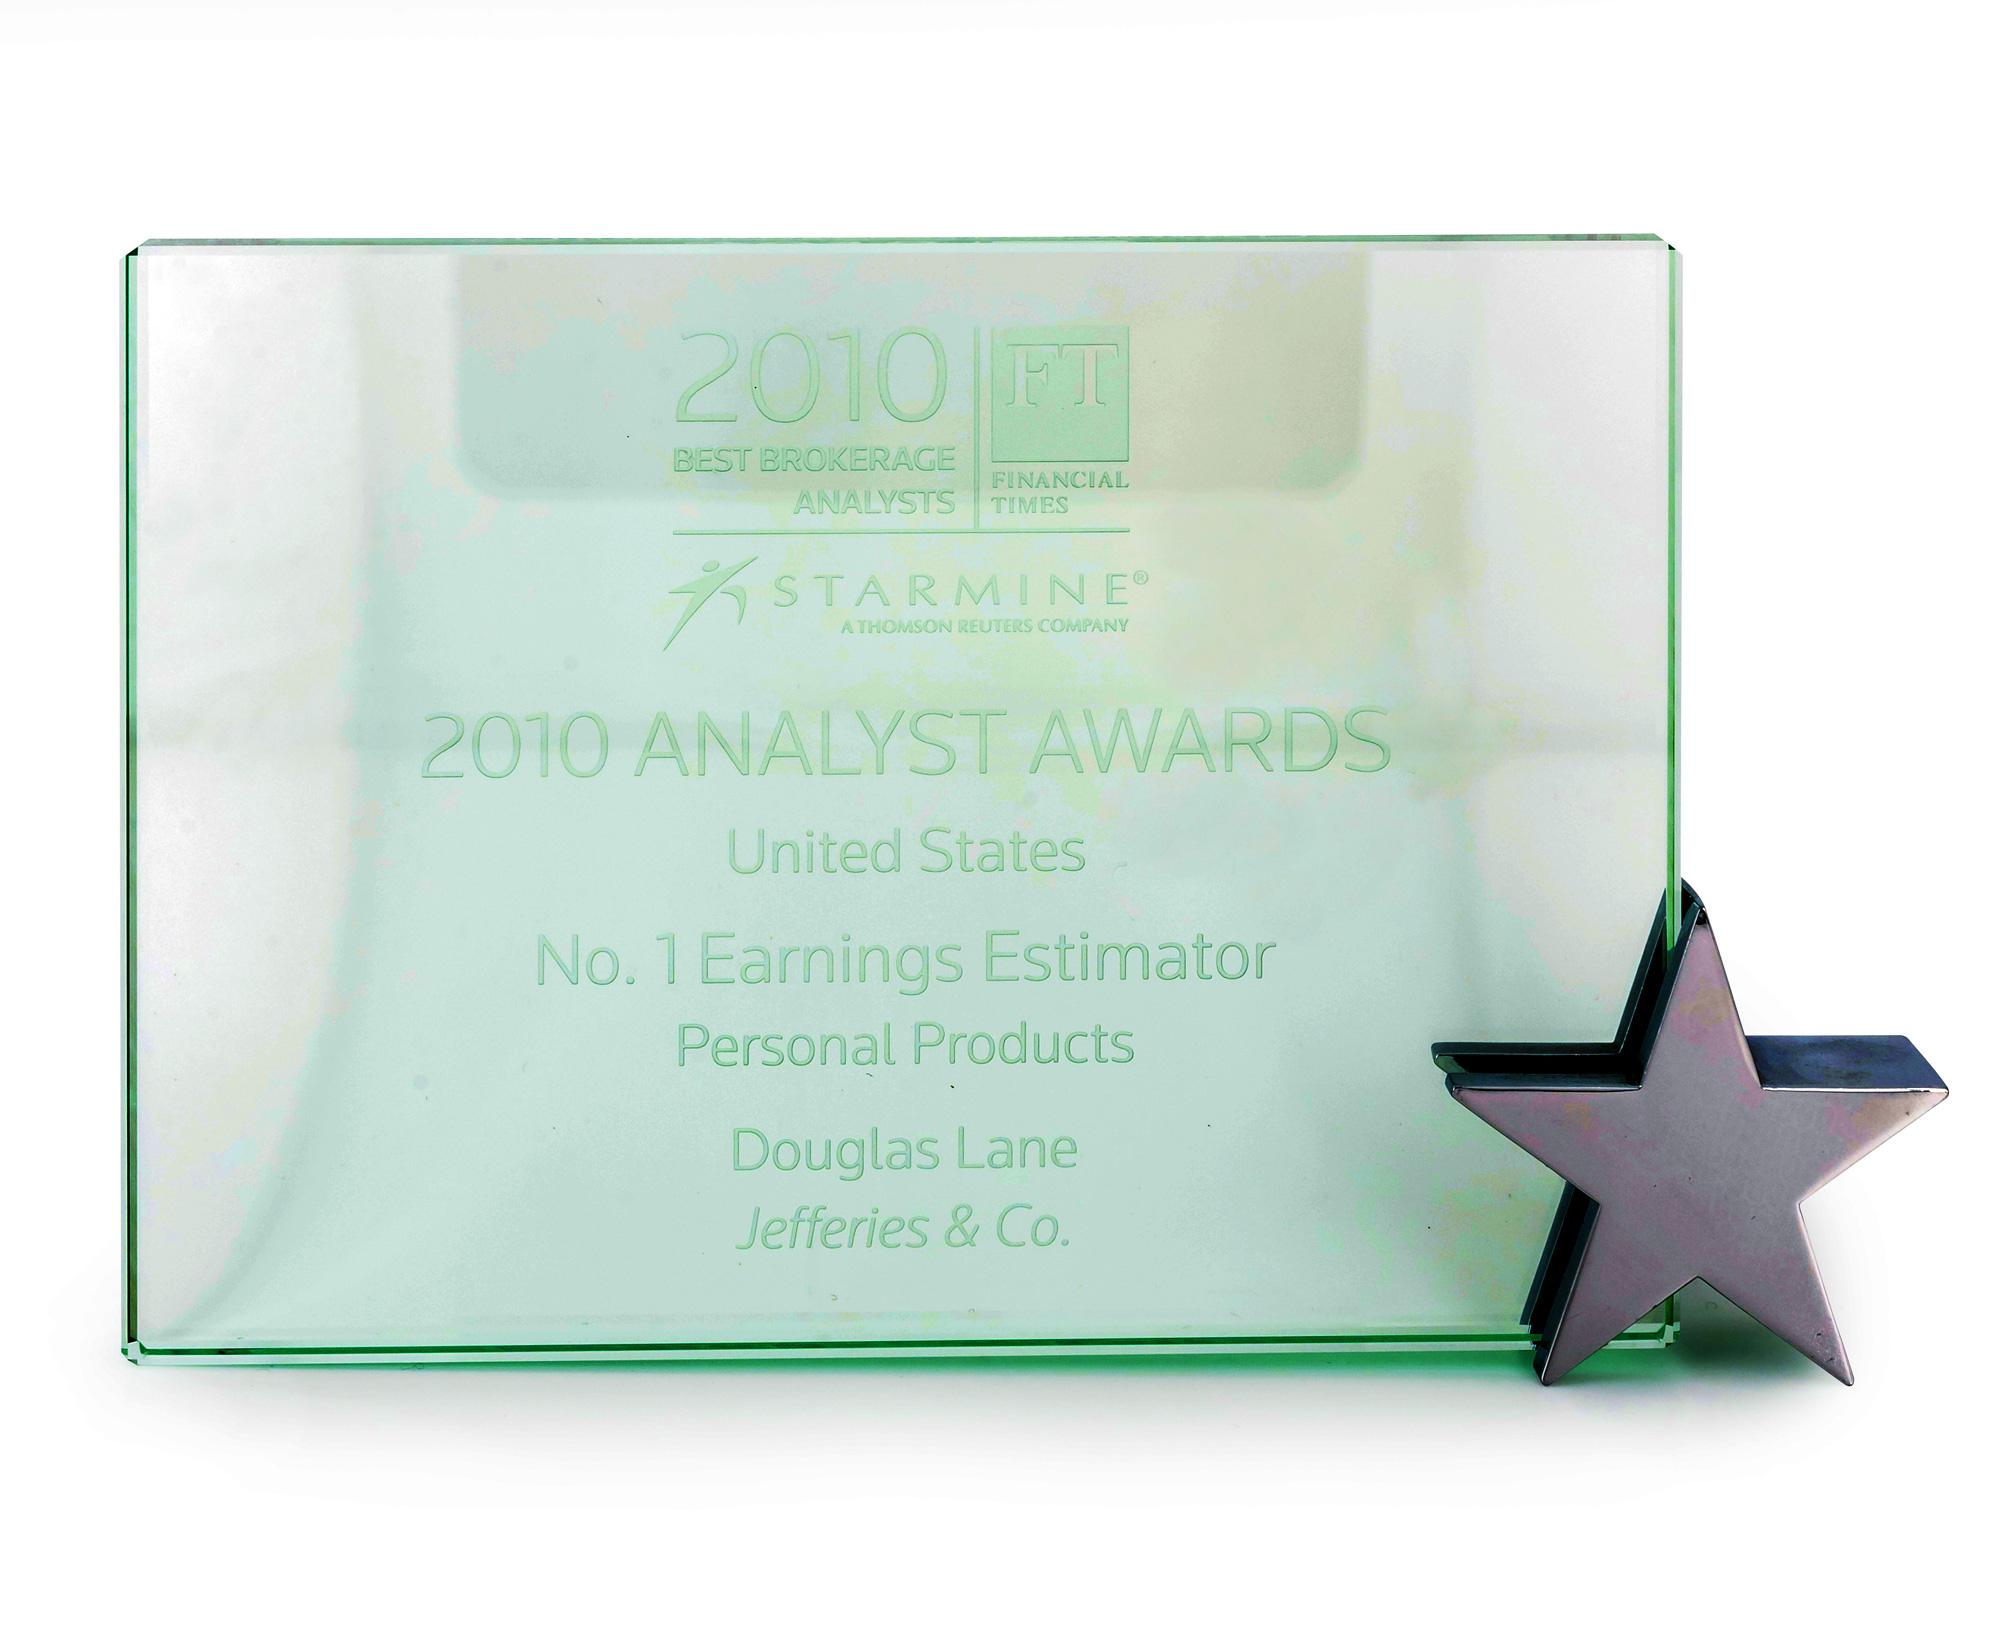 Best-Brokerage-Analysts-Award.jpg